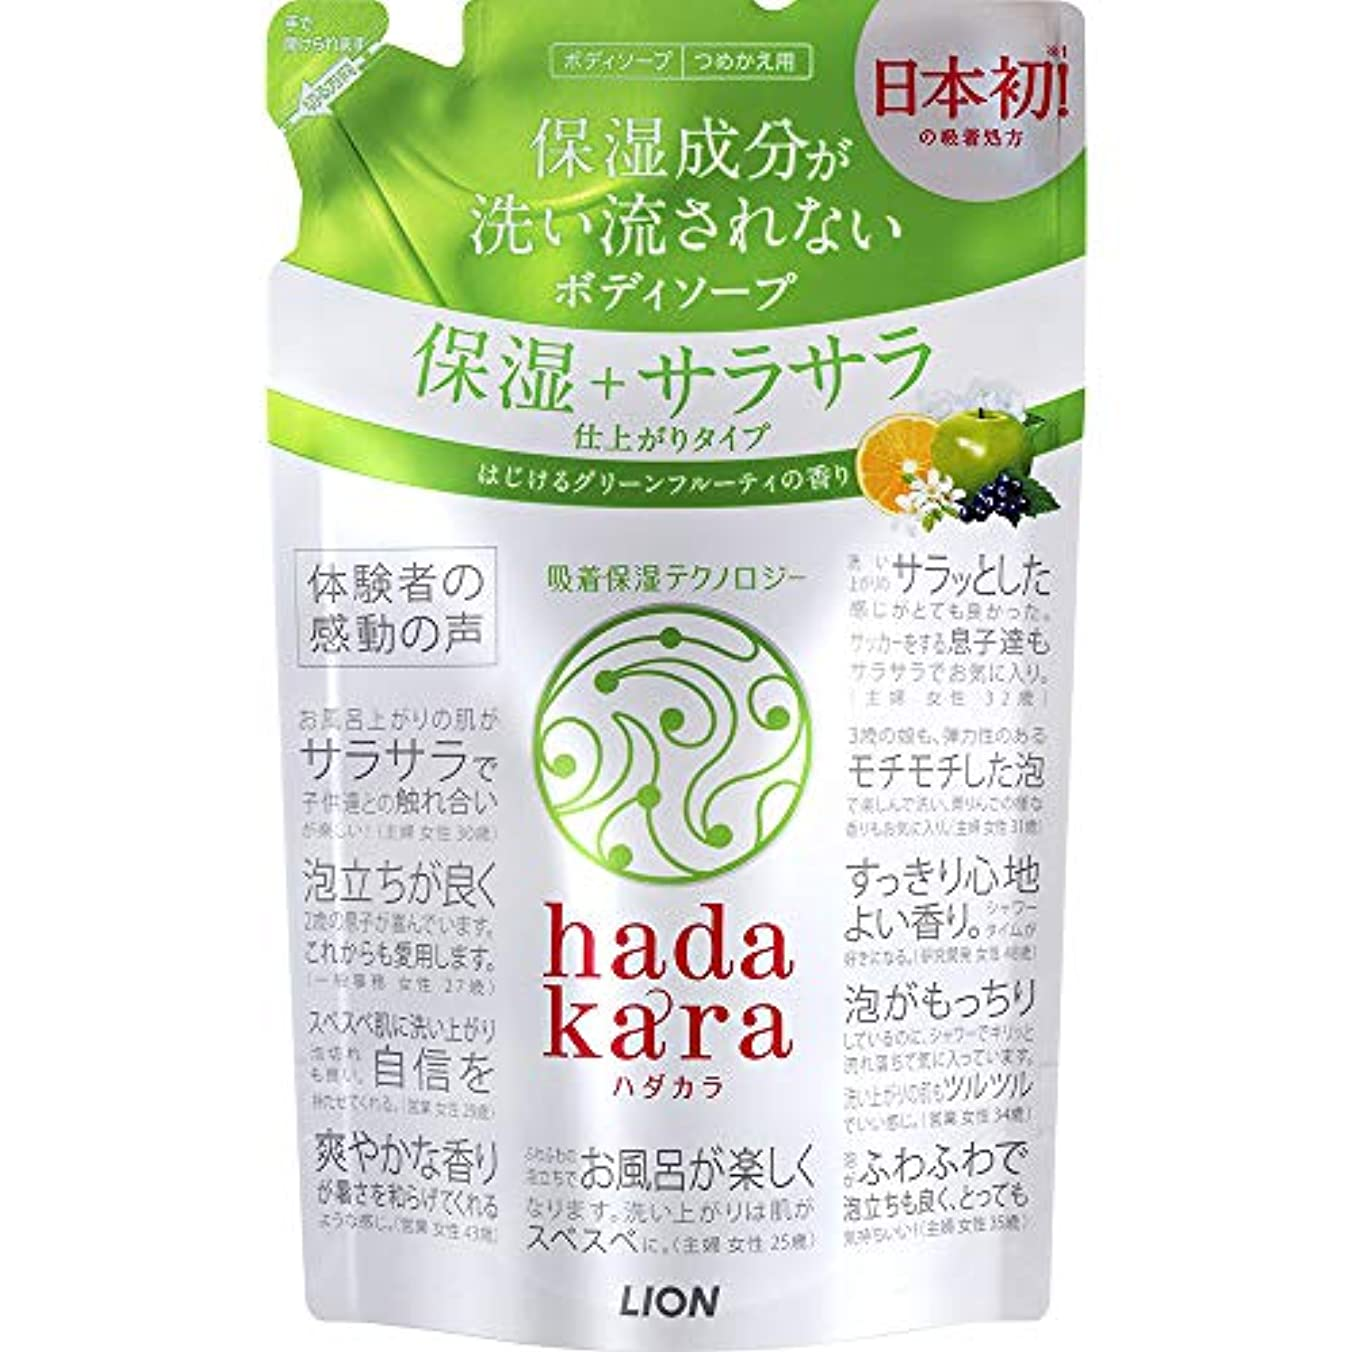 オーチャード十代の若者たち放射するhadakara(ハダカラ) ボディソープ 保湿+サラサラ仕上がりタイプ グリーンフルーティの香り 詰め替え 340ml